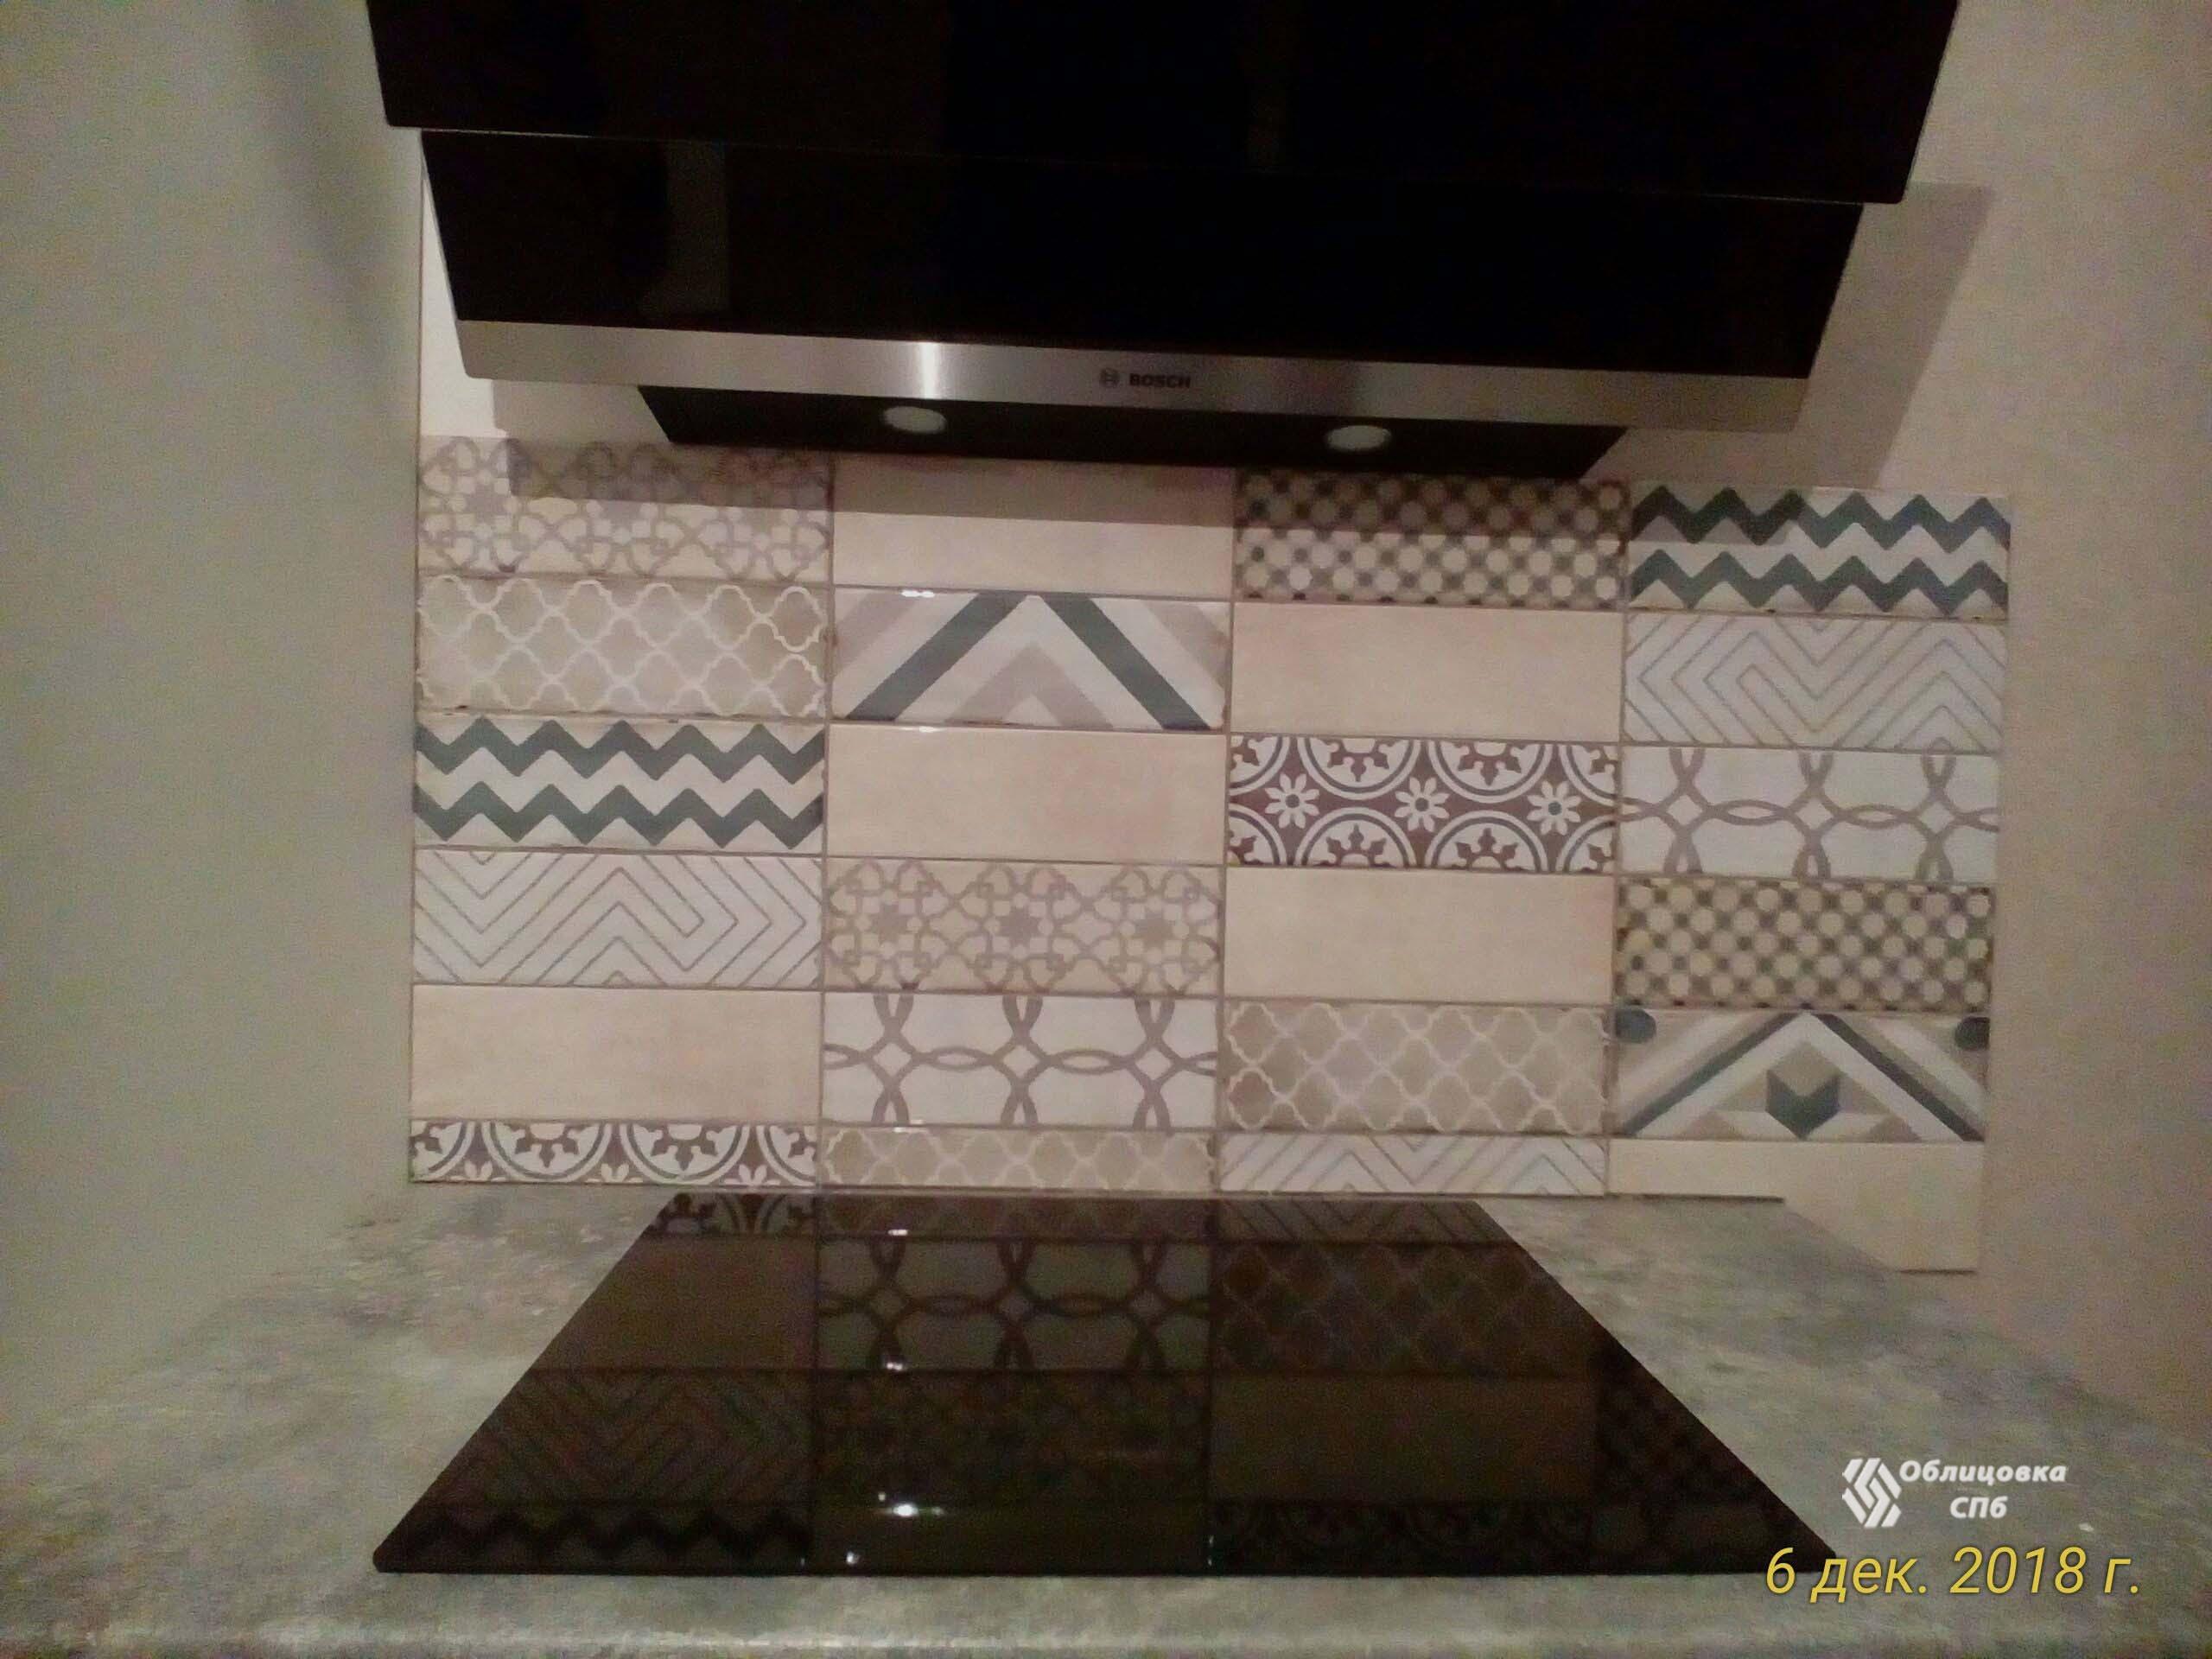 Облицовка кухонного фартука плиткой с разными рисунками